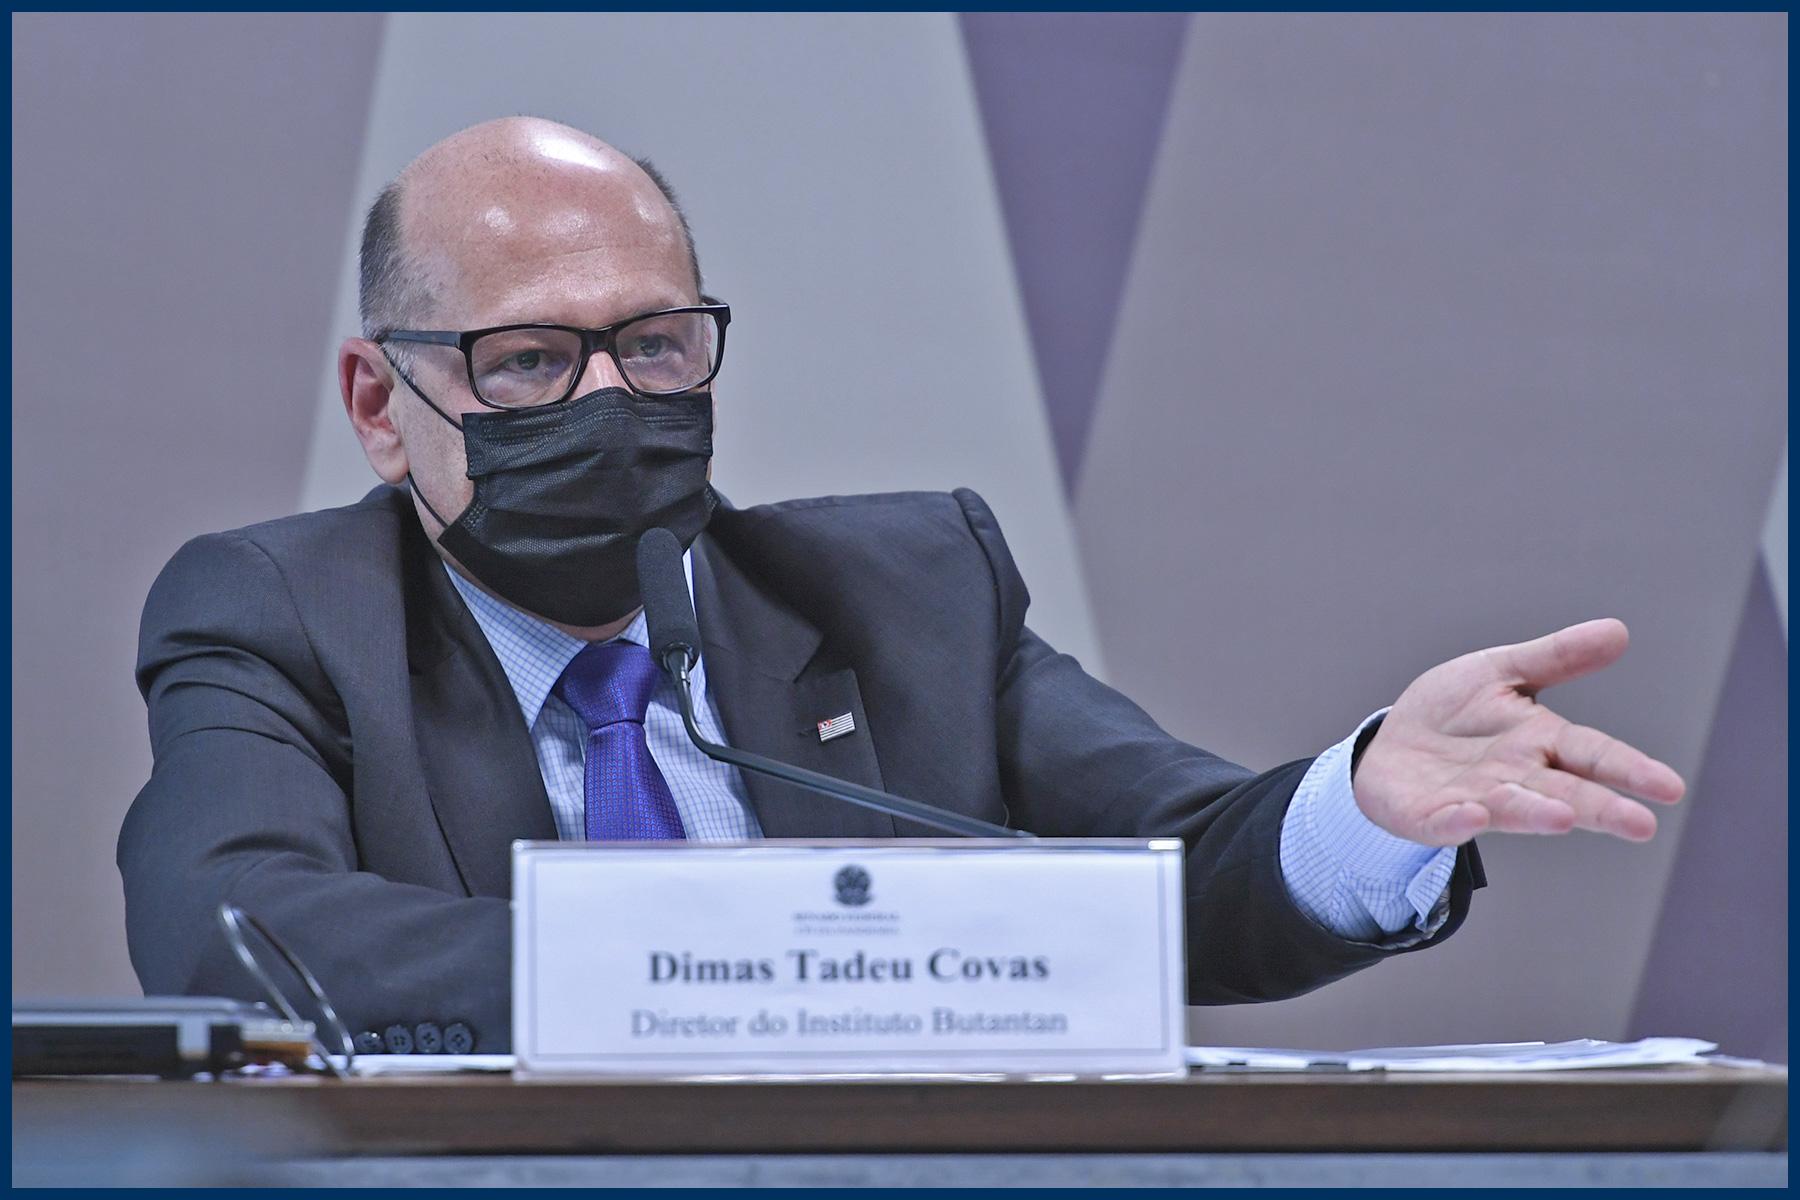 Dimas Tadeu Covas